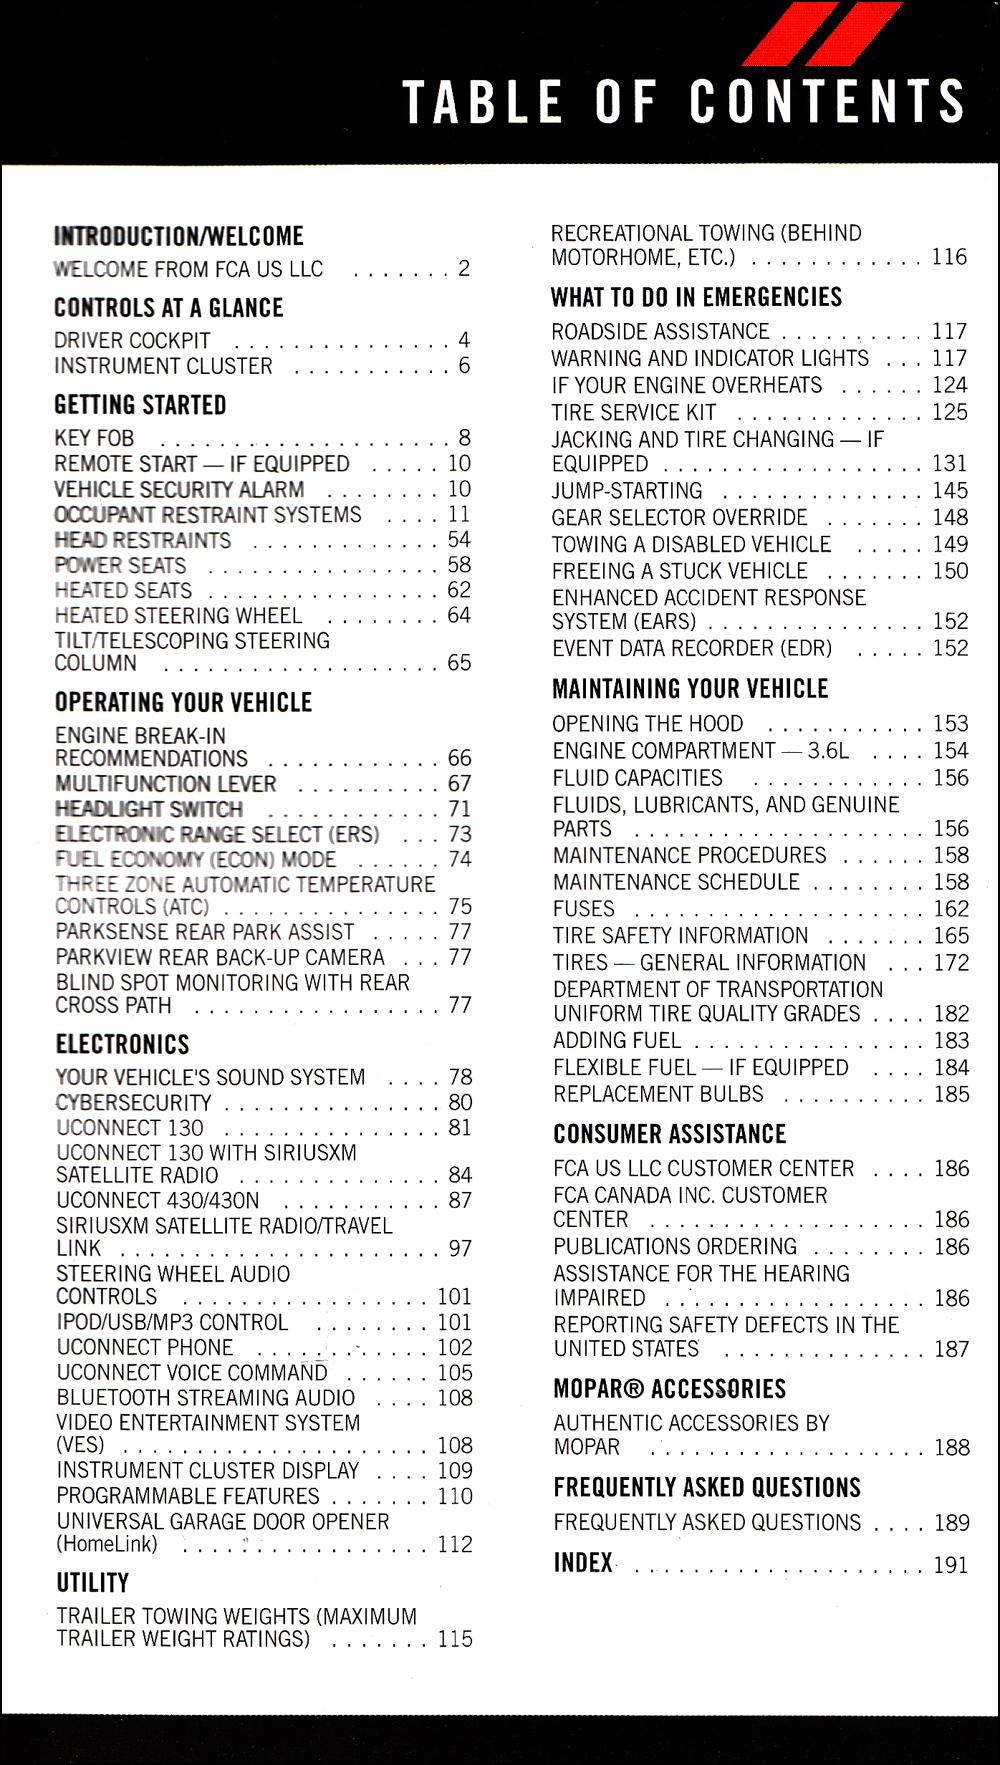 2008 Dodge Grand Caravan Liftgate Manual Guide